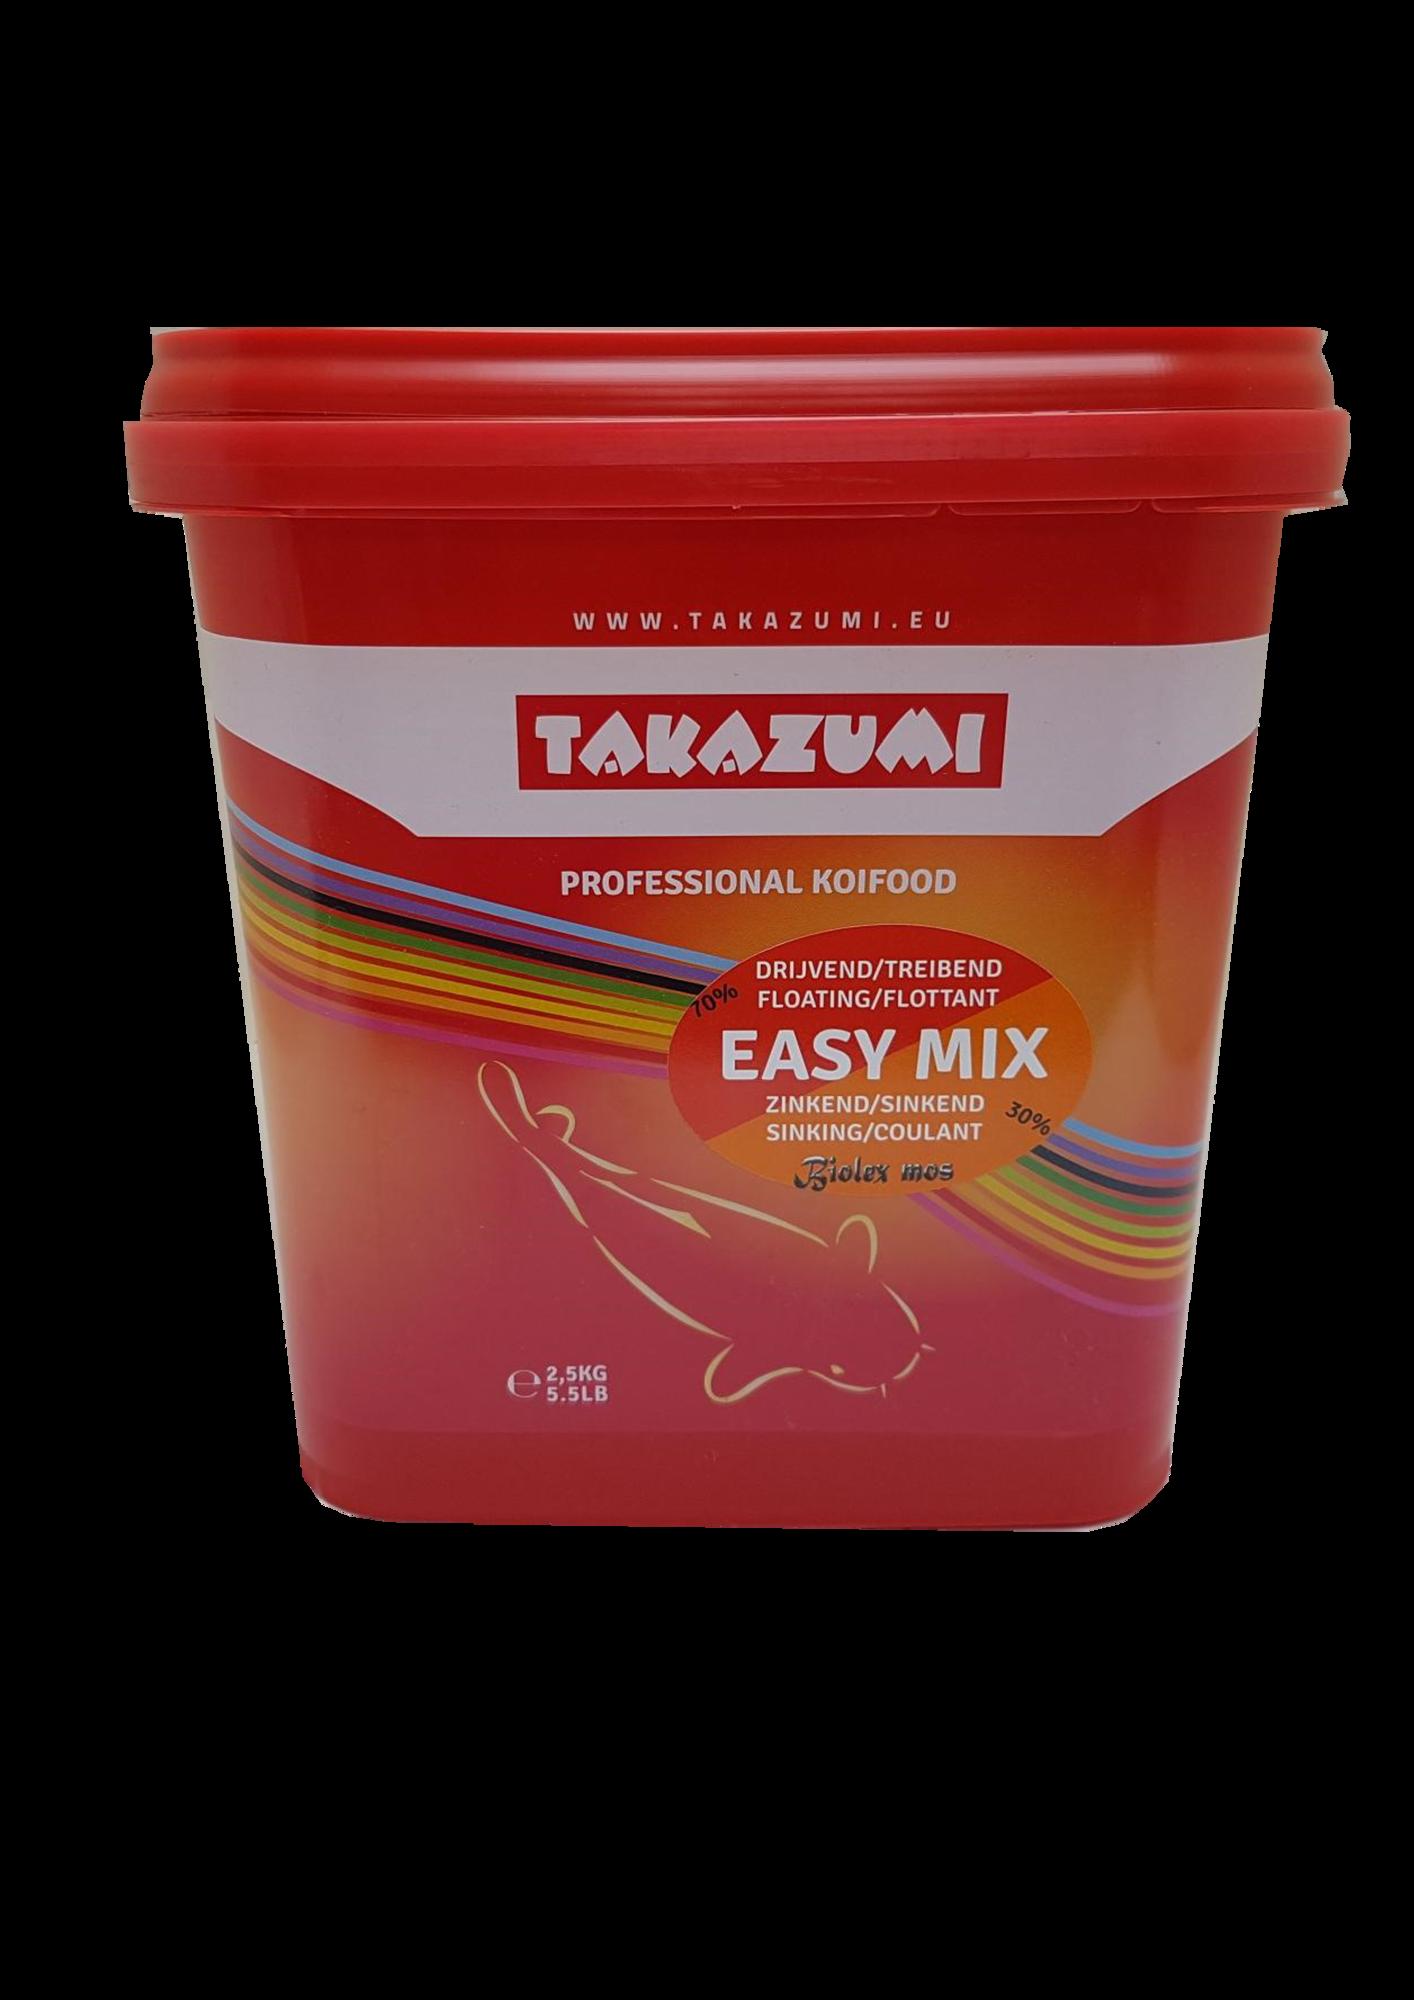 Takazumi Easy Mix 2,5 KG